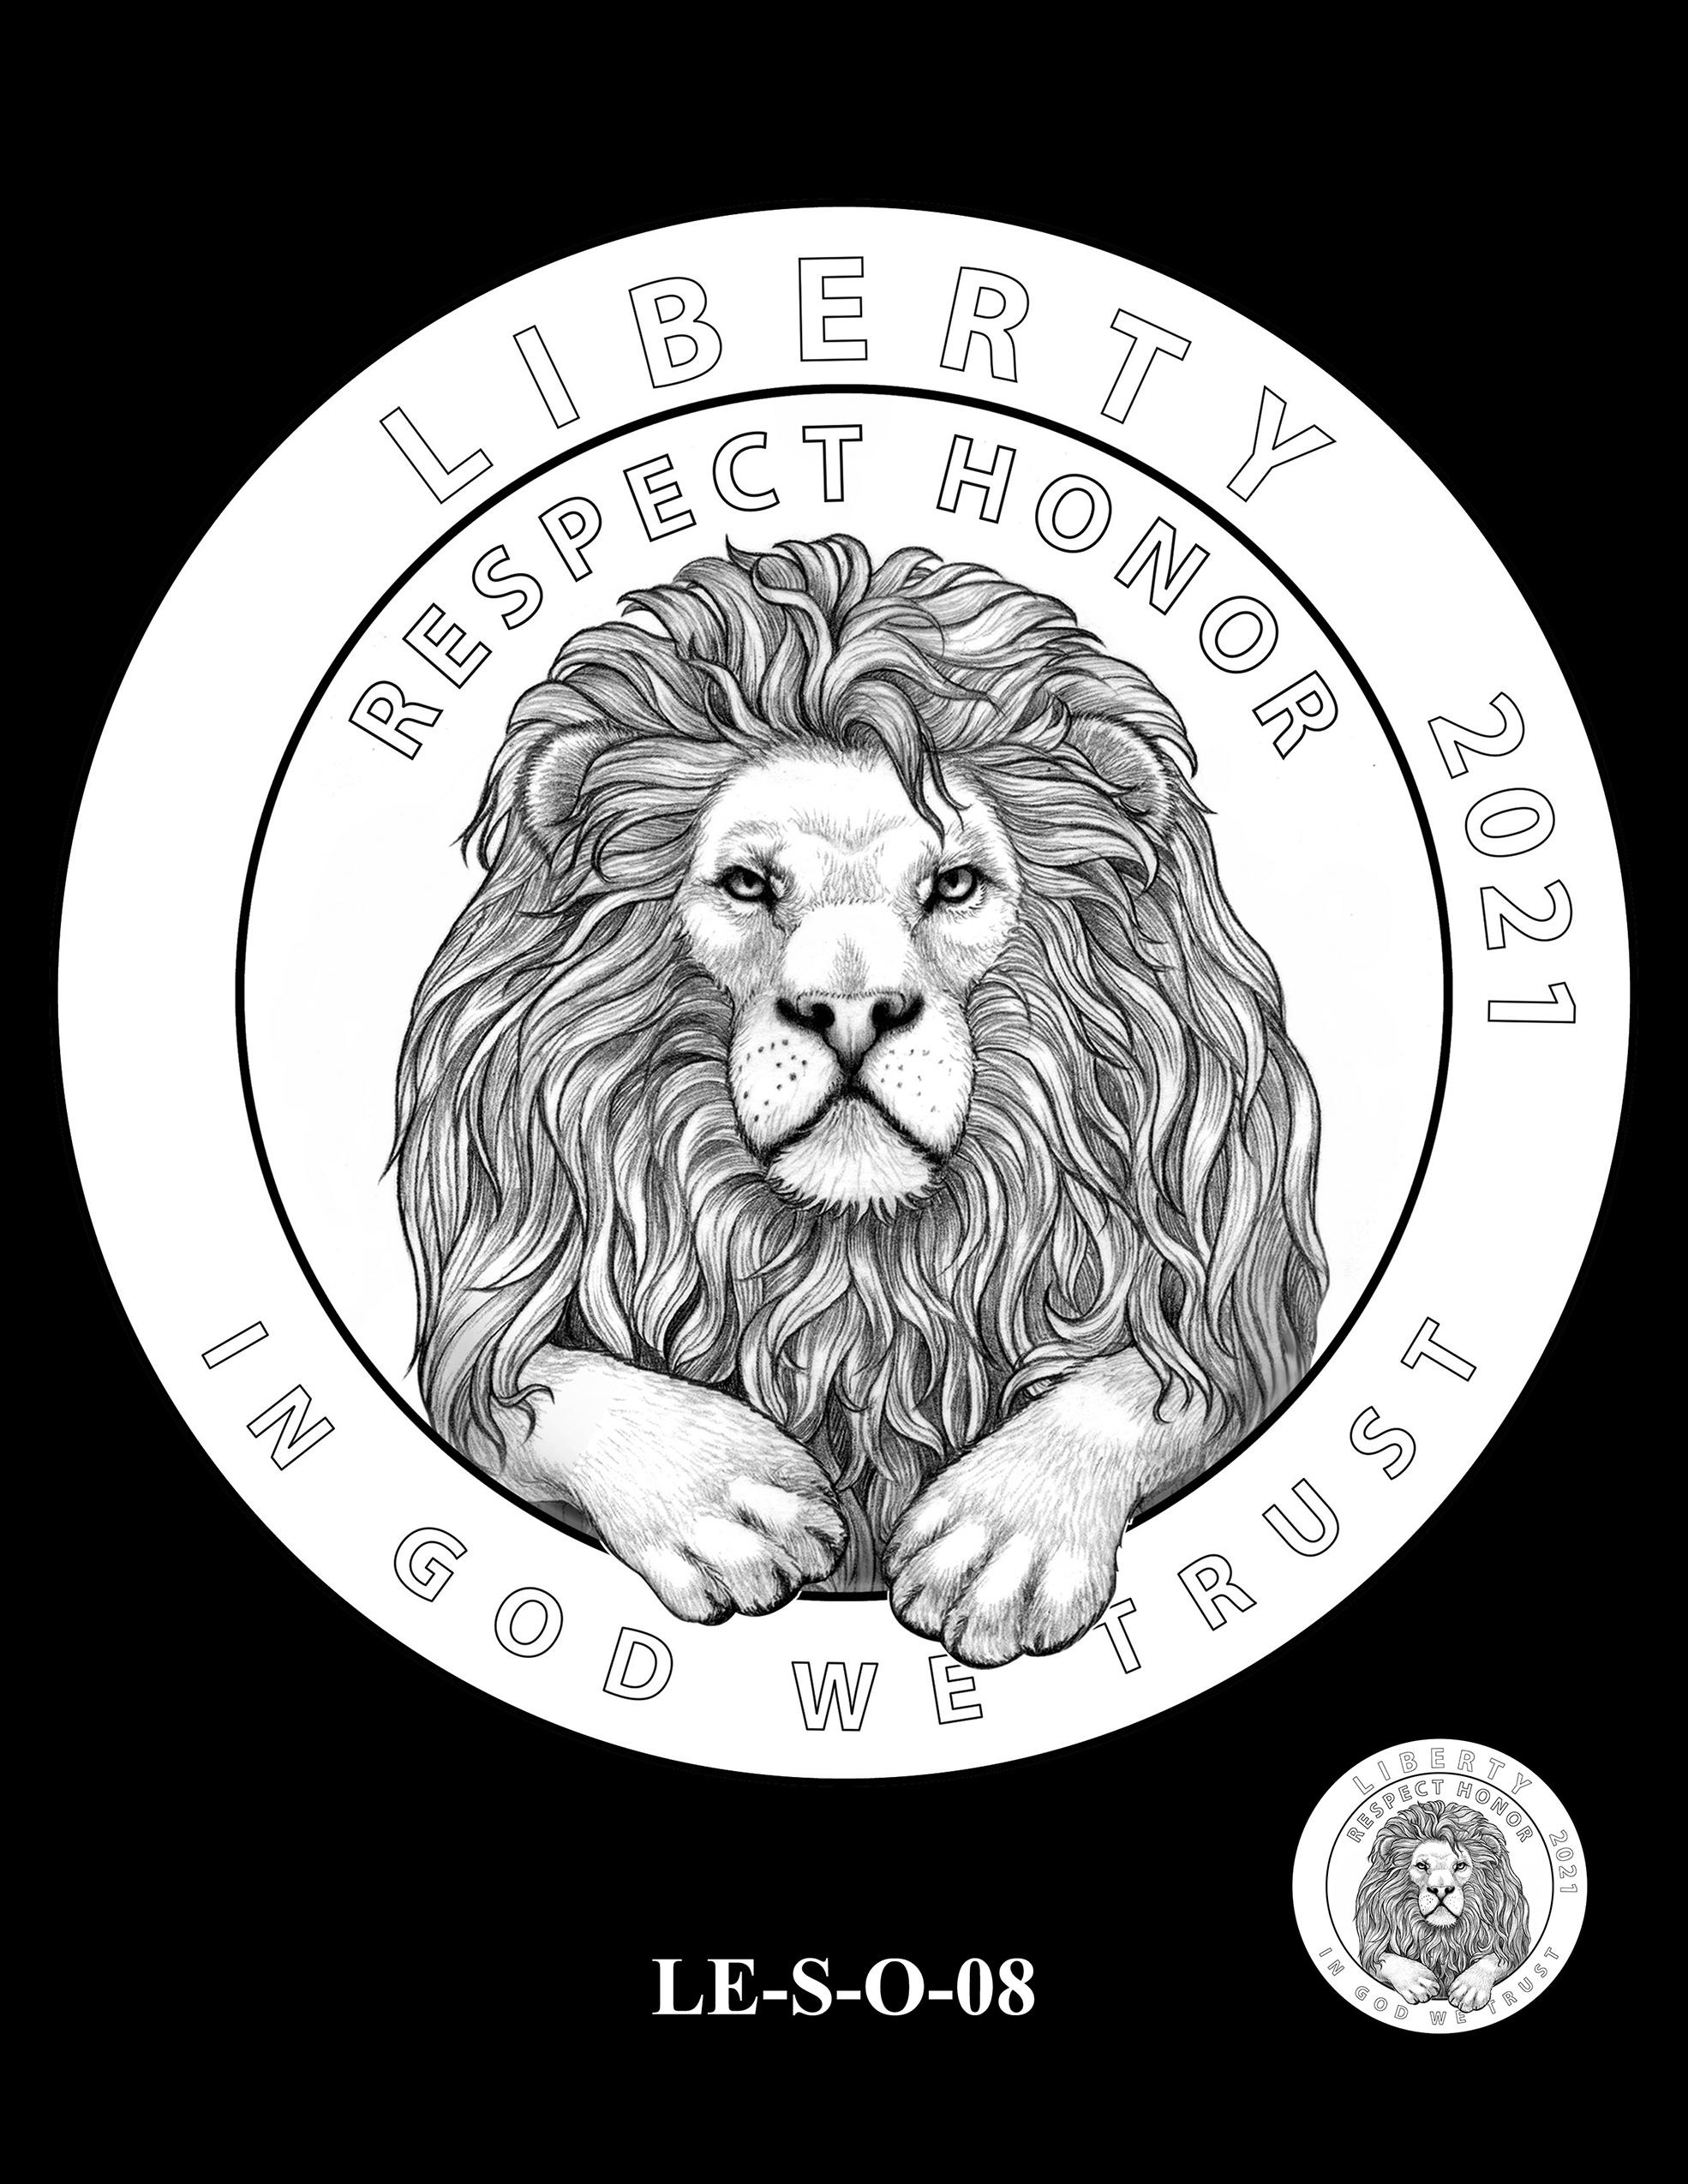 LE-S-O-08 -- National Law Enforcement Museum Commemorative Coin Program